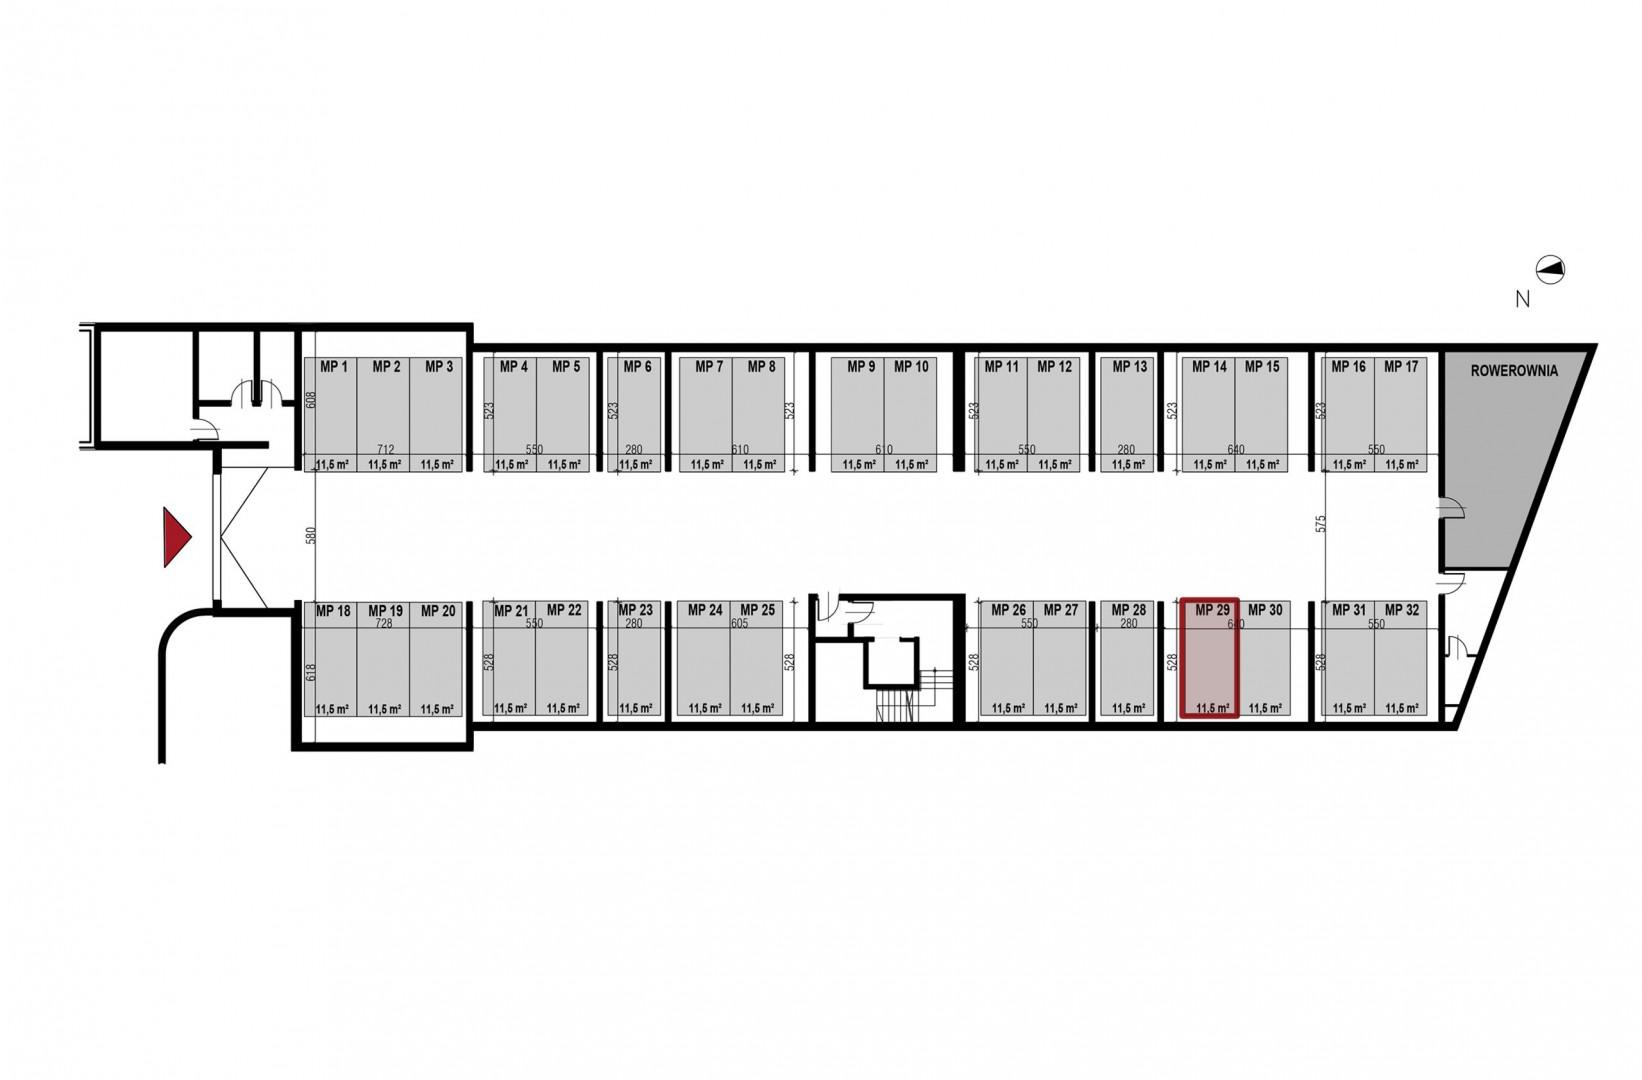 Uroczysko II / budynek 3 / miejsce postojowe 29 rzut 1